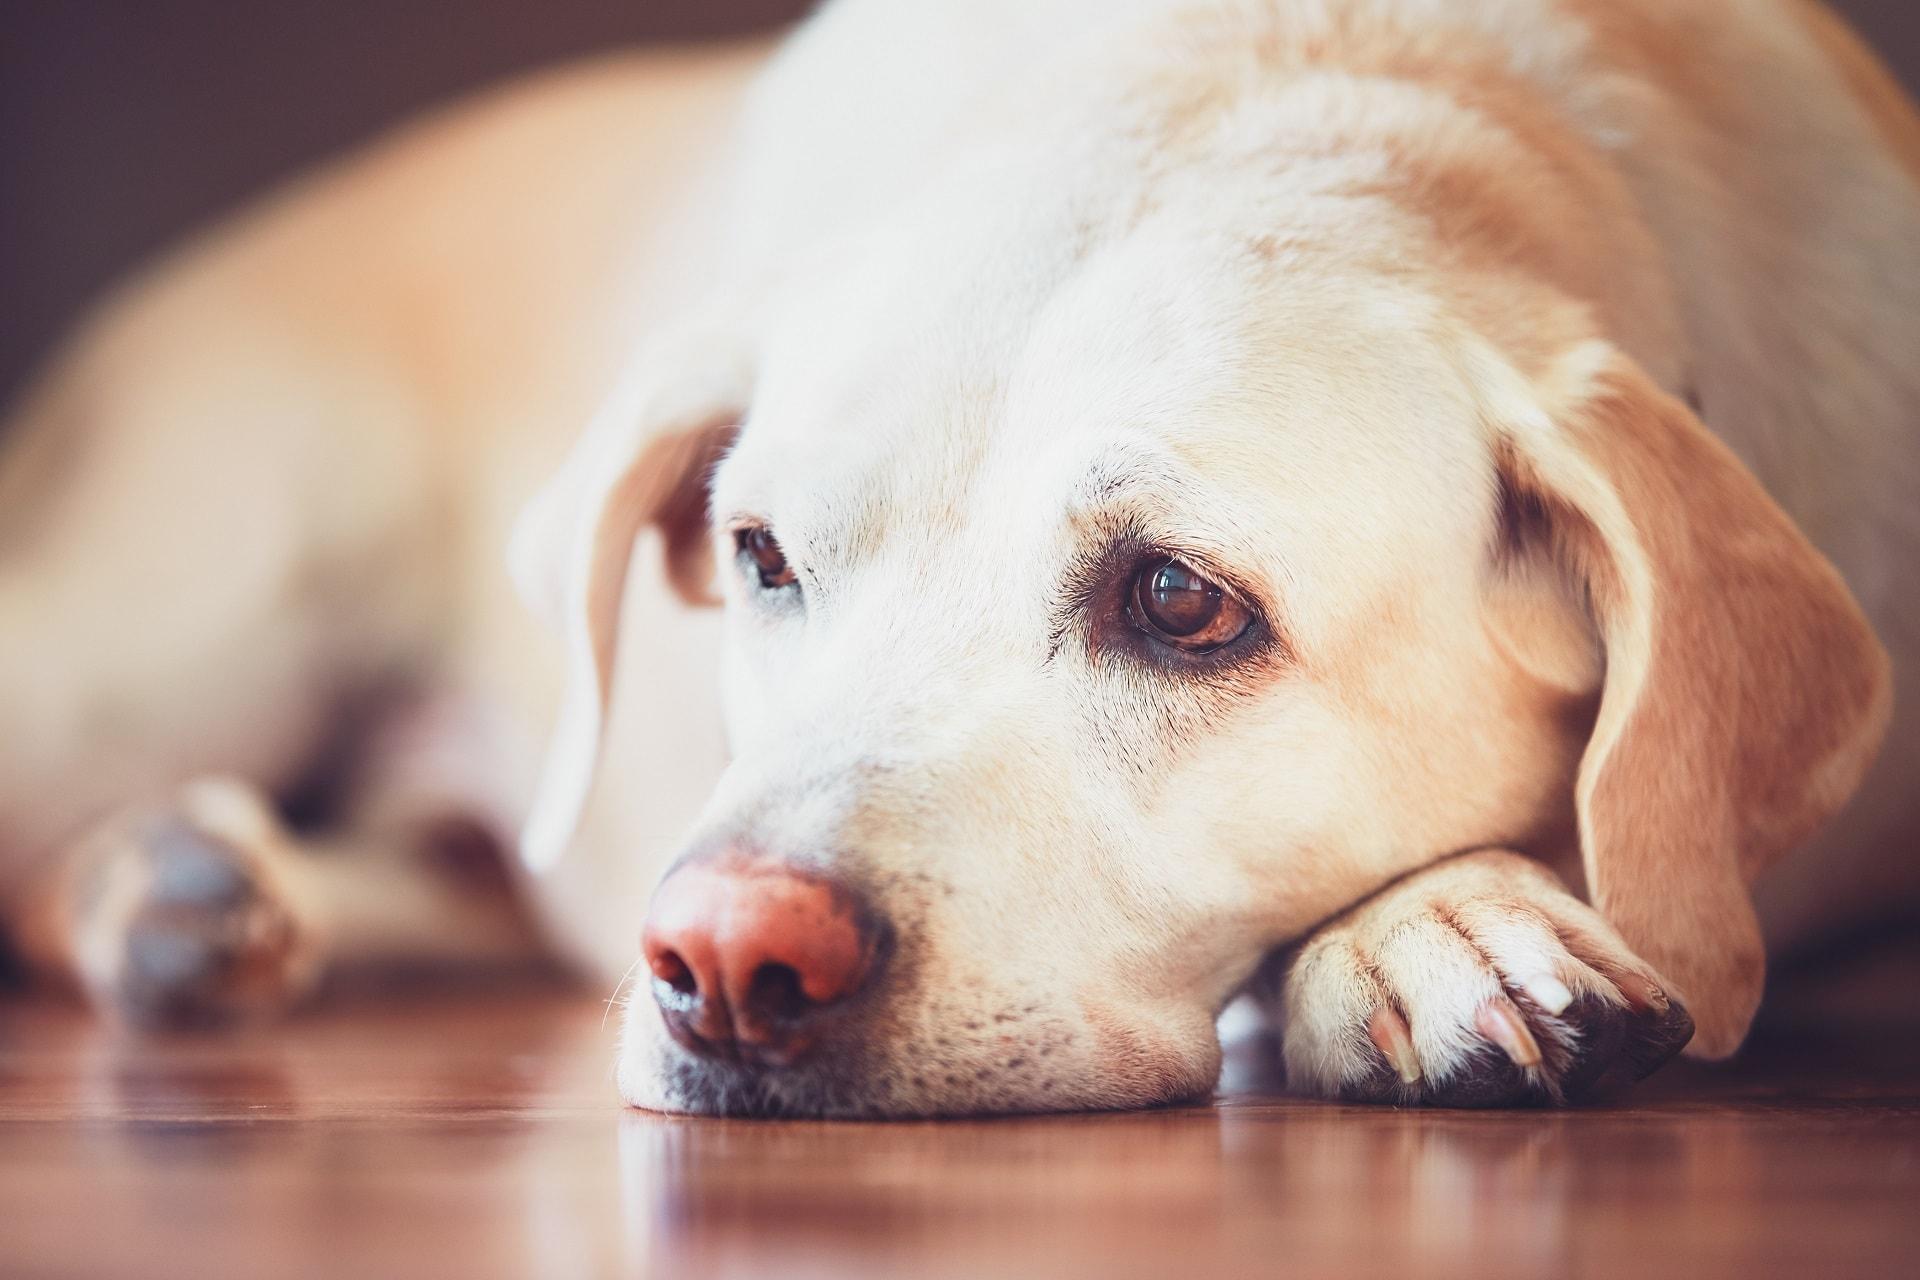 co na zatwardzenie u psa